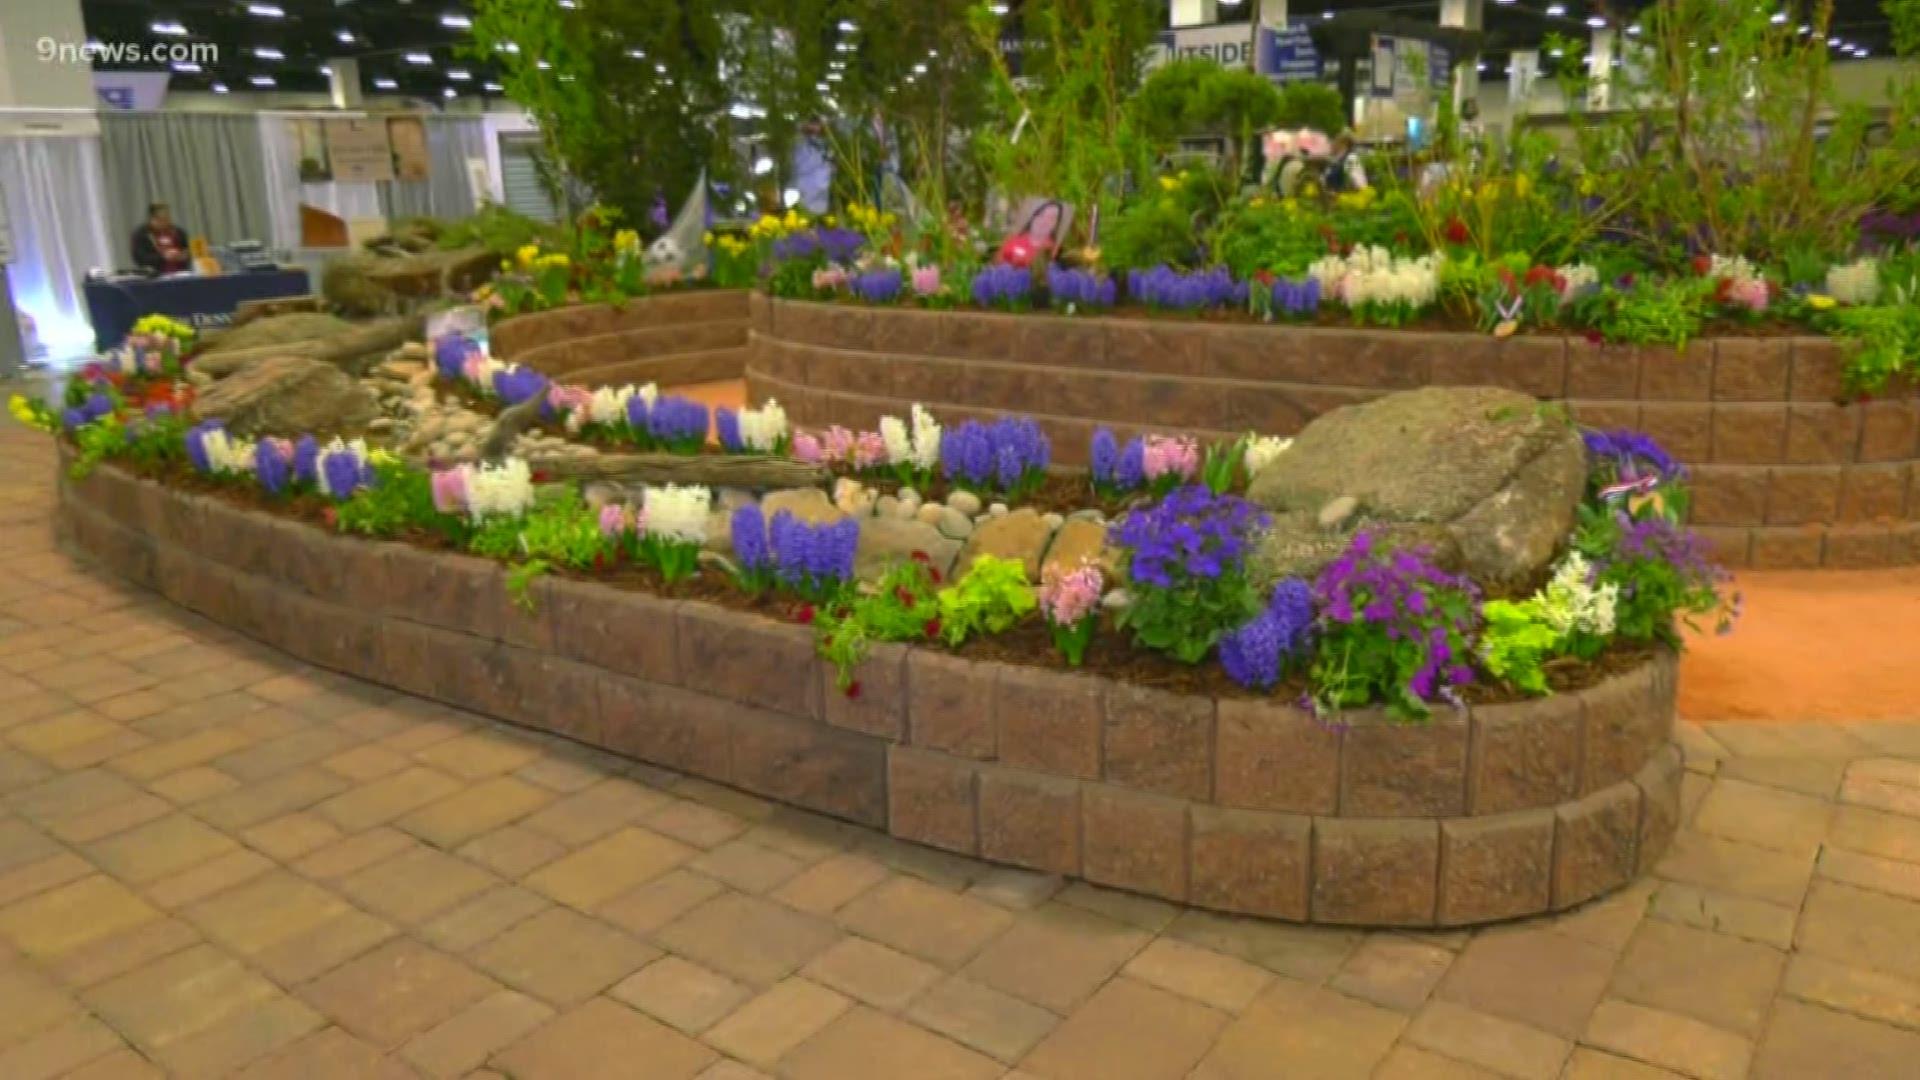 Colorado Garden Home Show Runs Through March 1 At Colorado